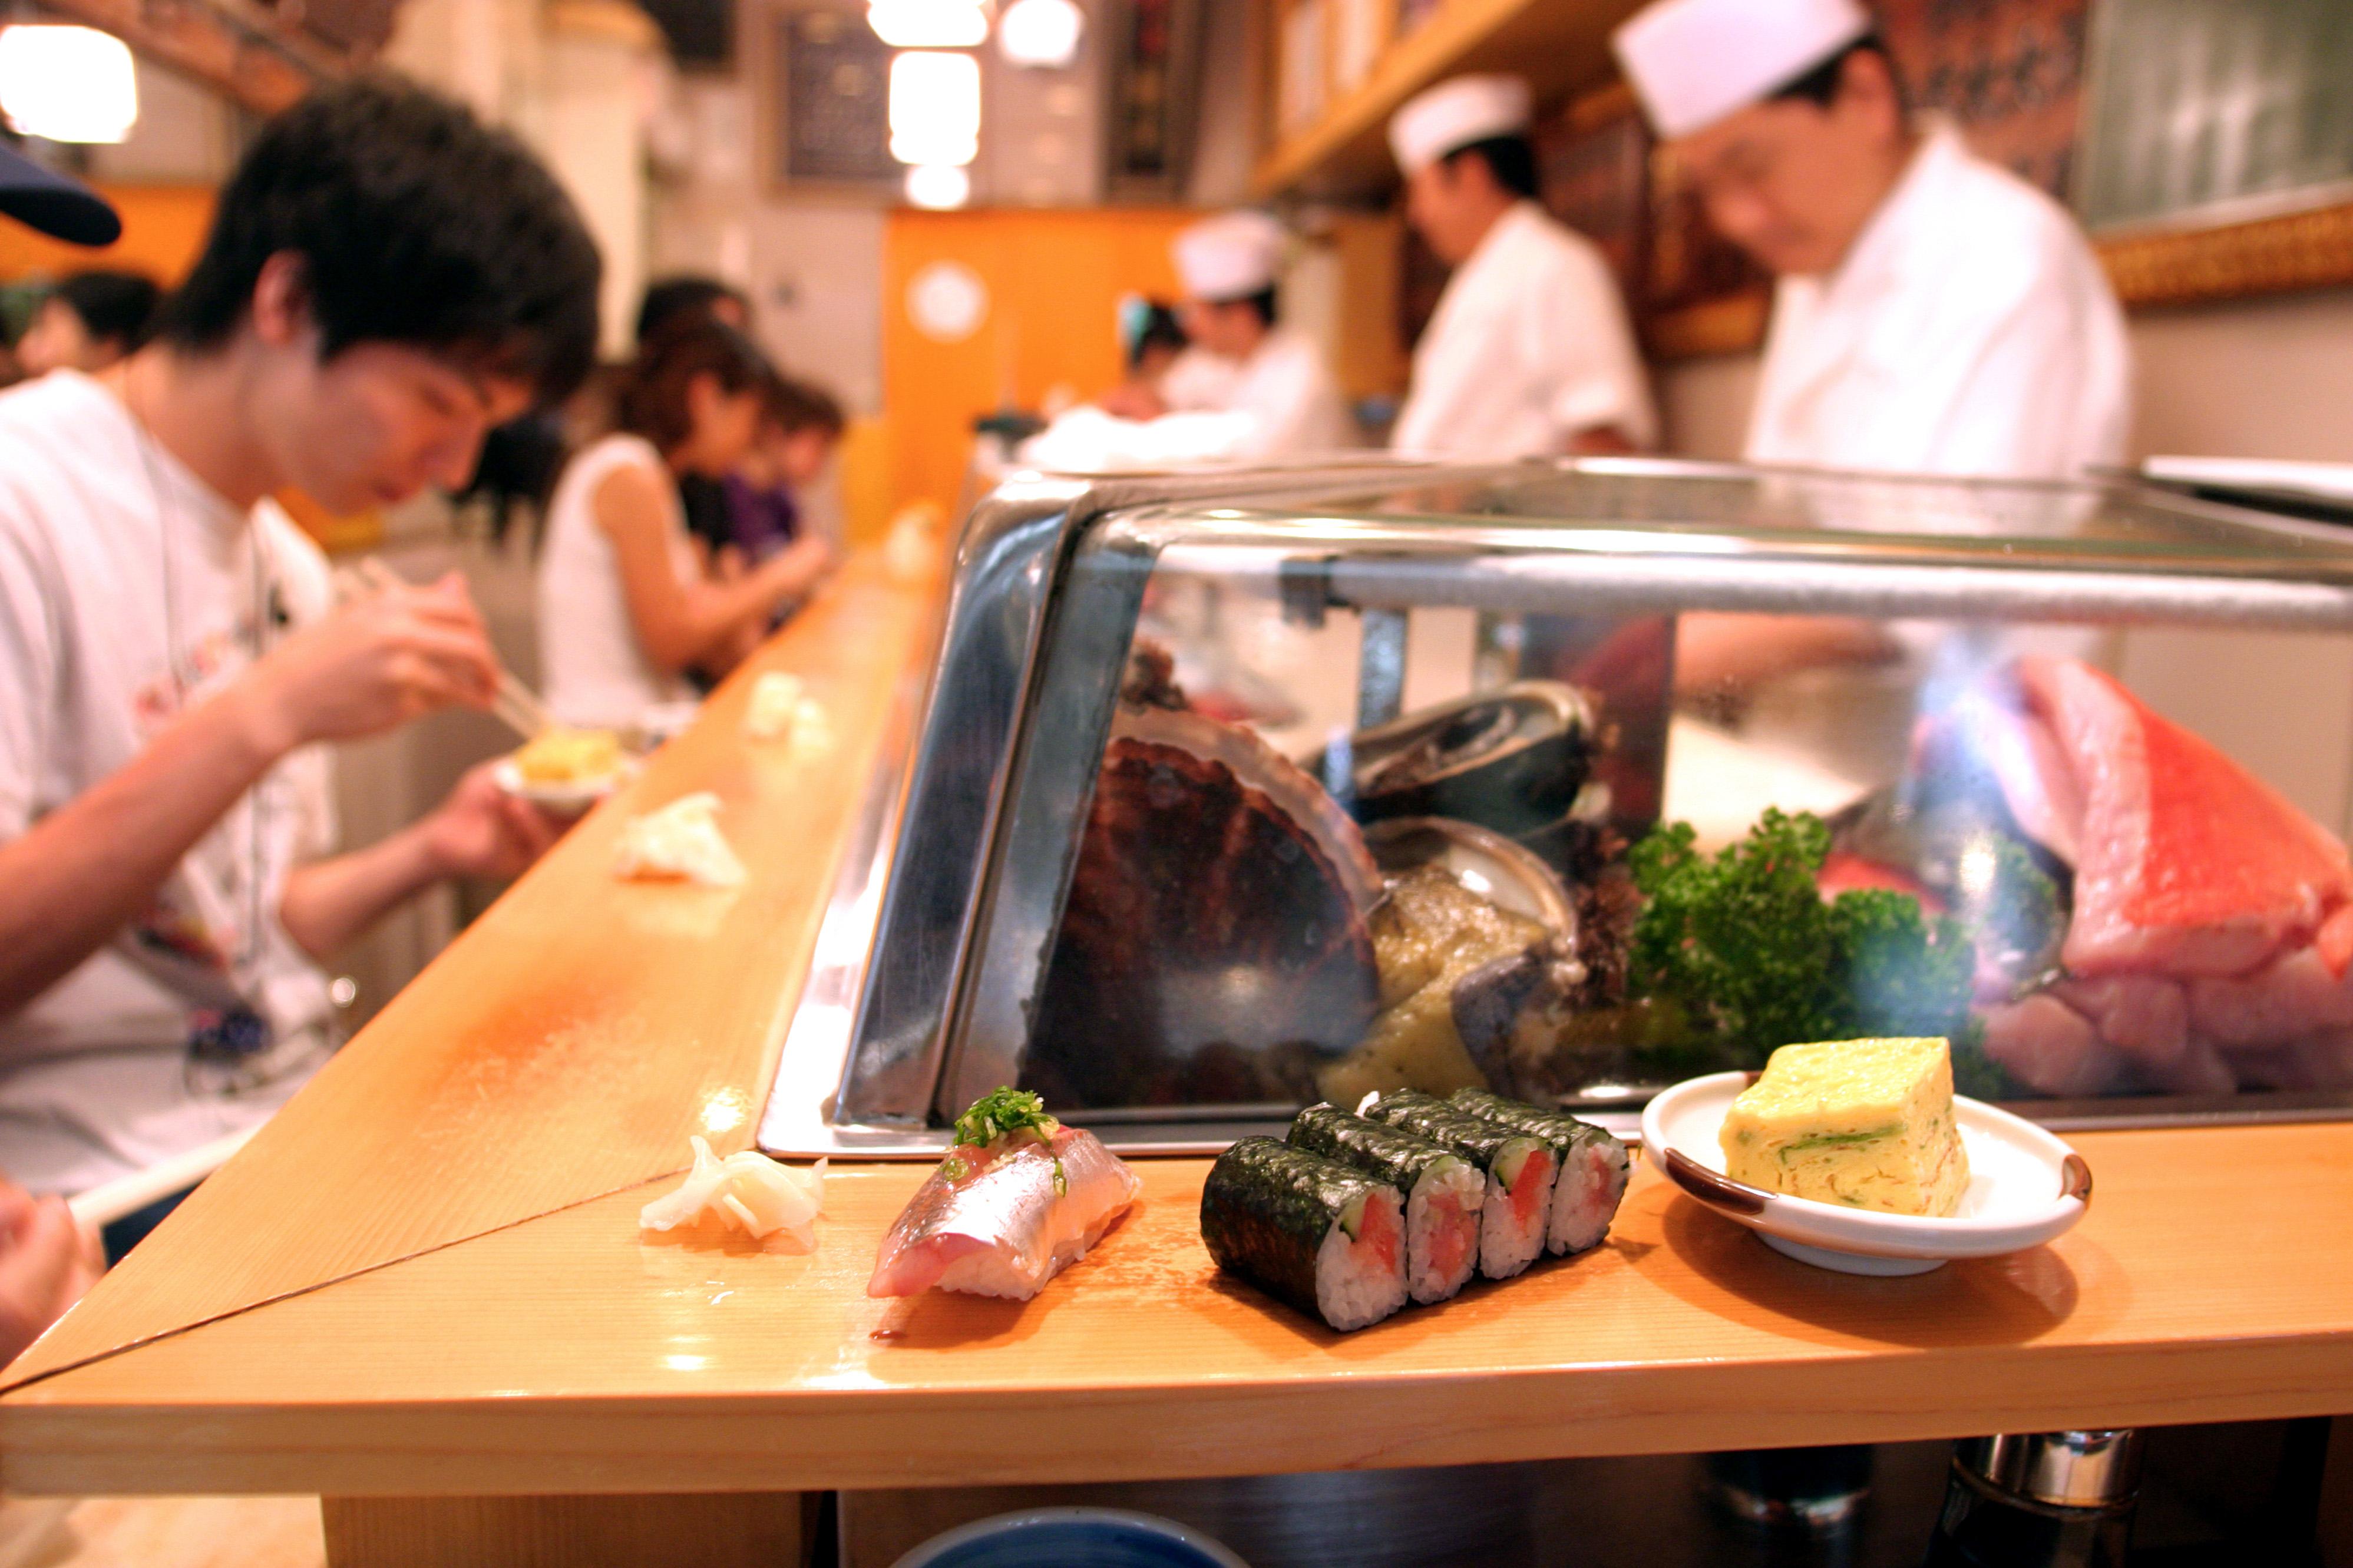 Detail of sushi at Sushi Dai, Tsukiji Fish Market.